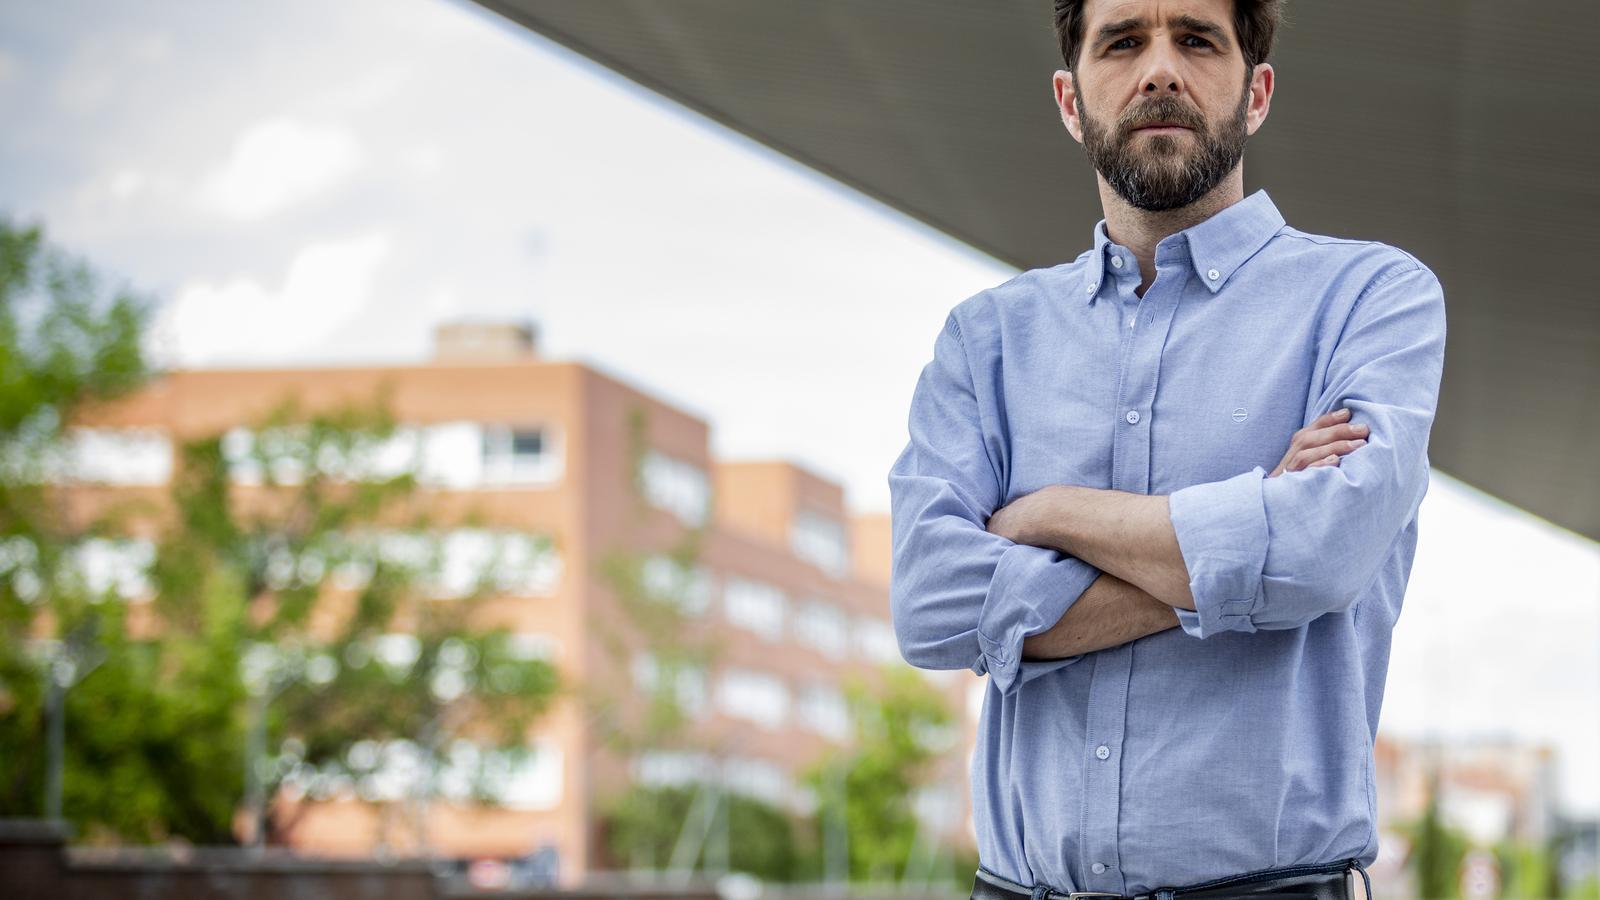 Gonzo substituirà Jordi Évole com a presentador de 'Salvados'